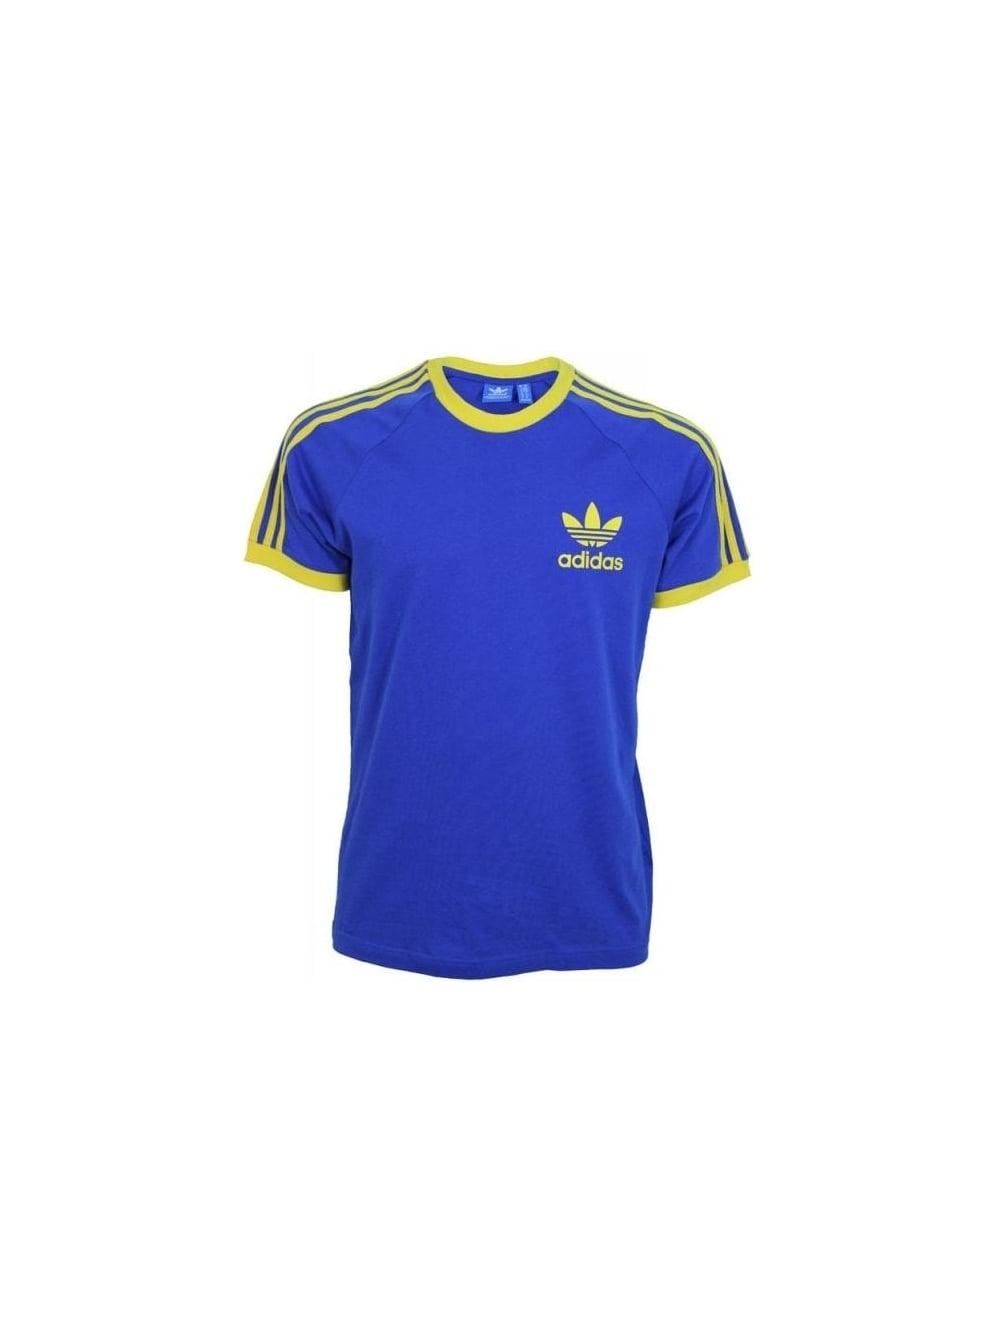 Adidas Originals Sport Essential T Shirt In Bold Blue Northern Threads